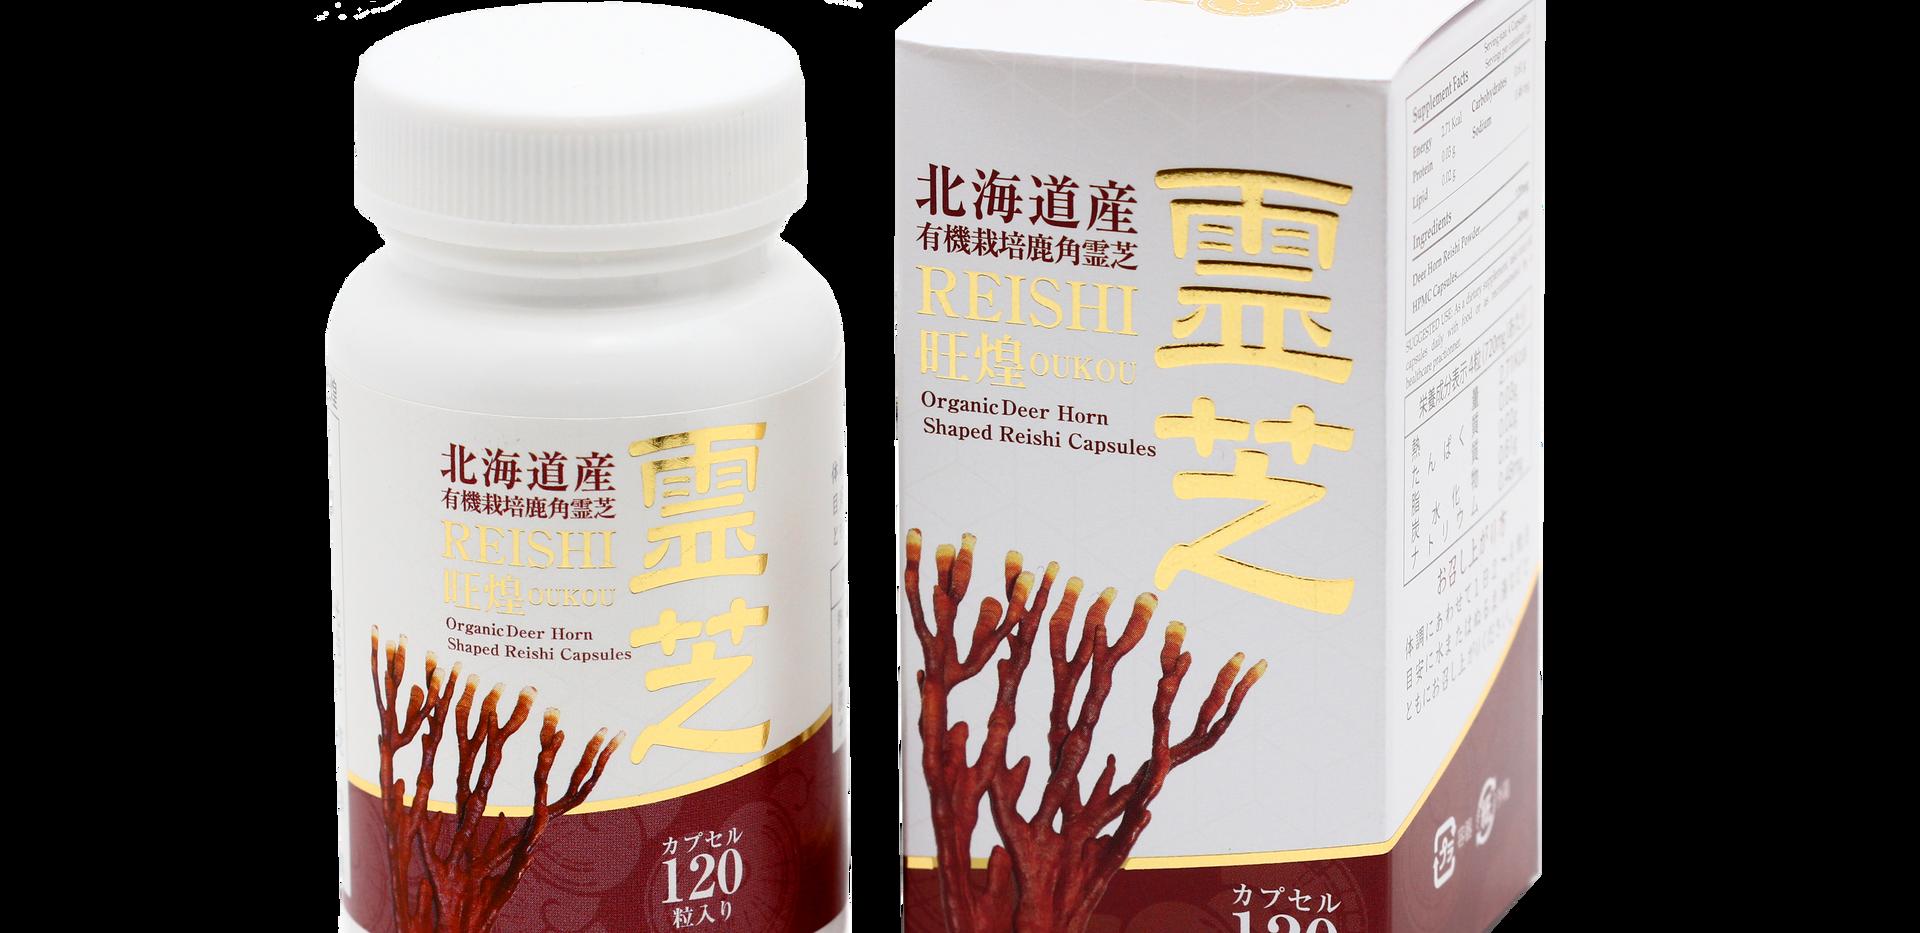 Organic Deer Horn Reishi Capsules Japan